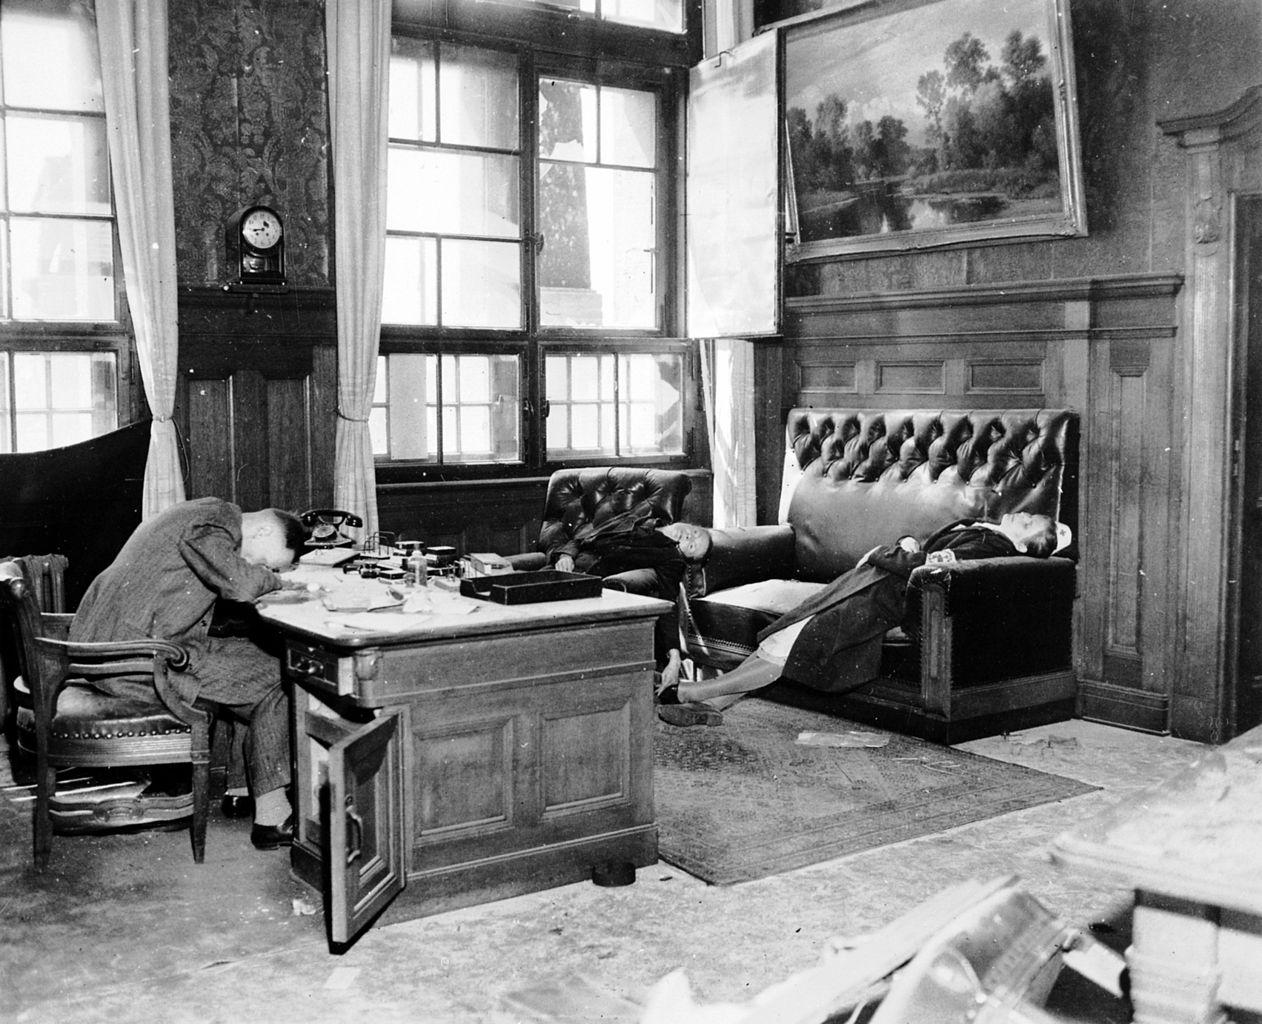 1945. Április 18. Dr. jur. Ernst Kurt Lisso Lipcse alpolgármestere, felesége és lánya ciánkapszulával lettek öngyilkosok a városházán az amerikai csapatok megérkezése előtt néhány órával..jpg